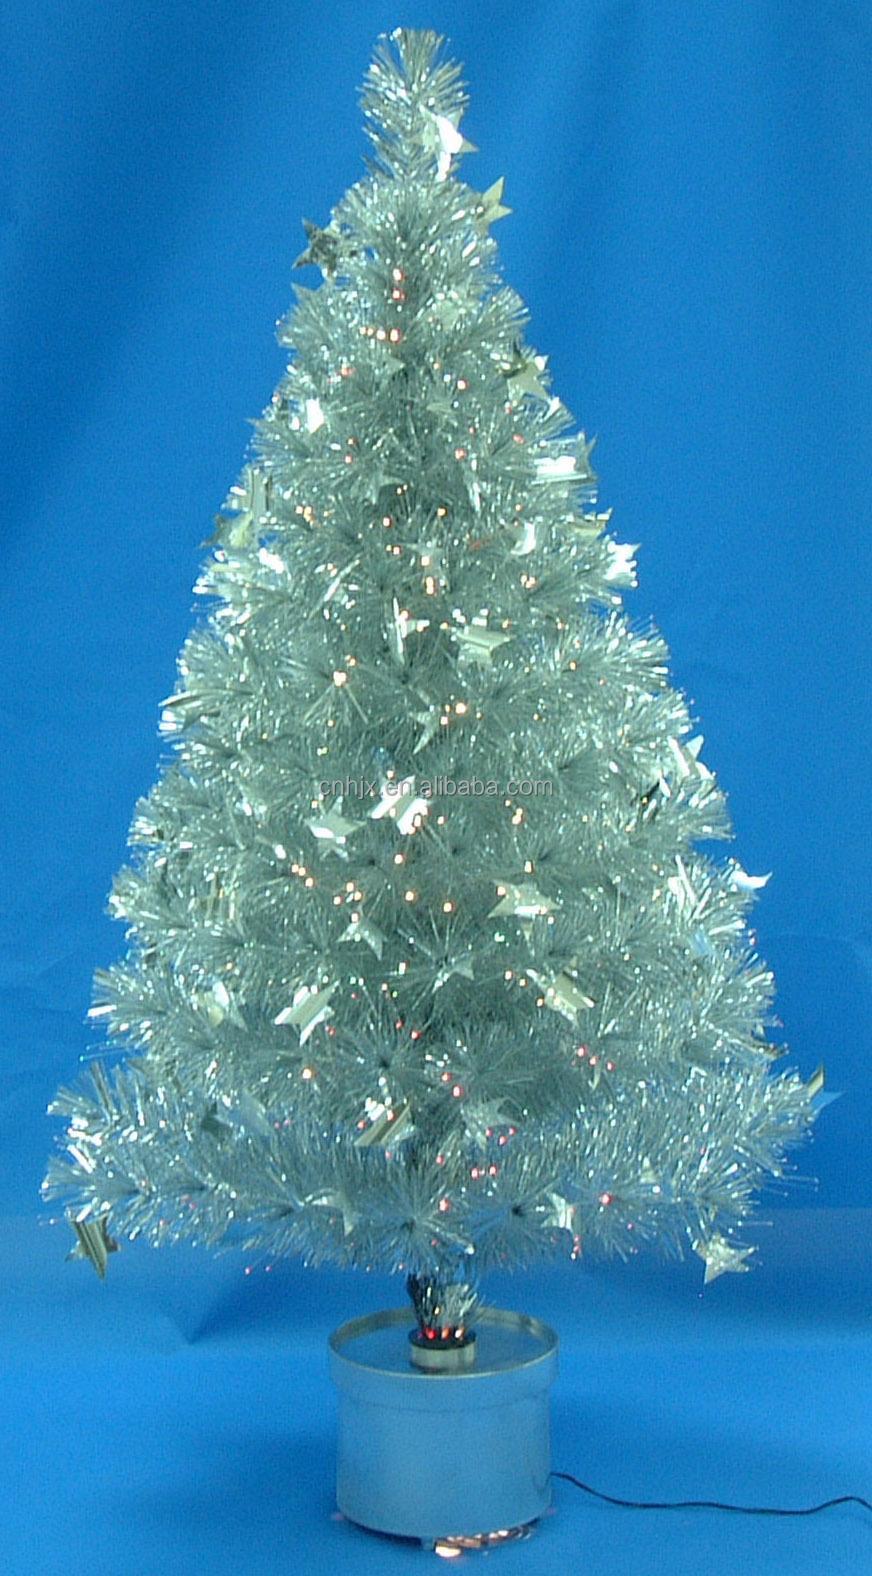 Albero Di Natale Nero.Sliver Glitter Bianco Caldo Led Pvc Albero Di Natale Mini Fibra